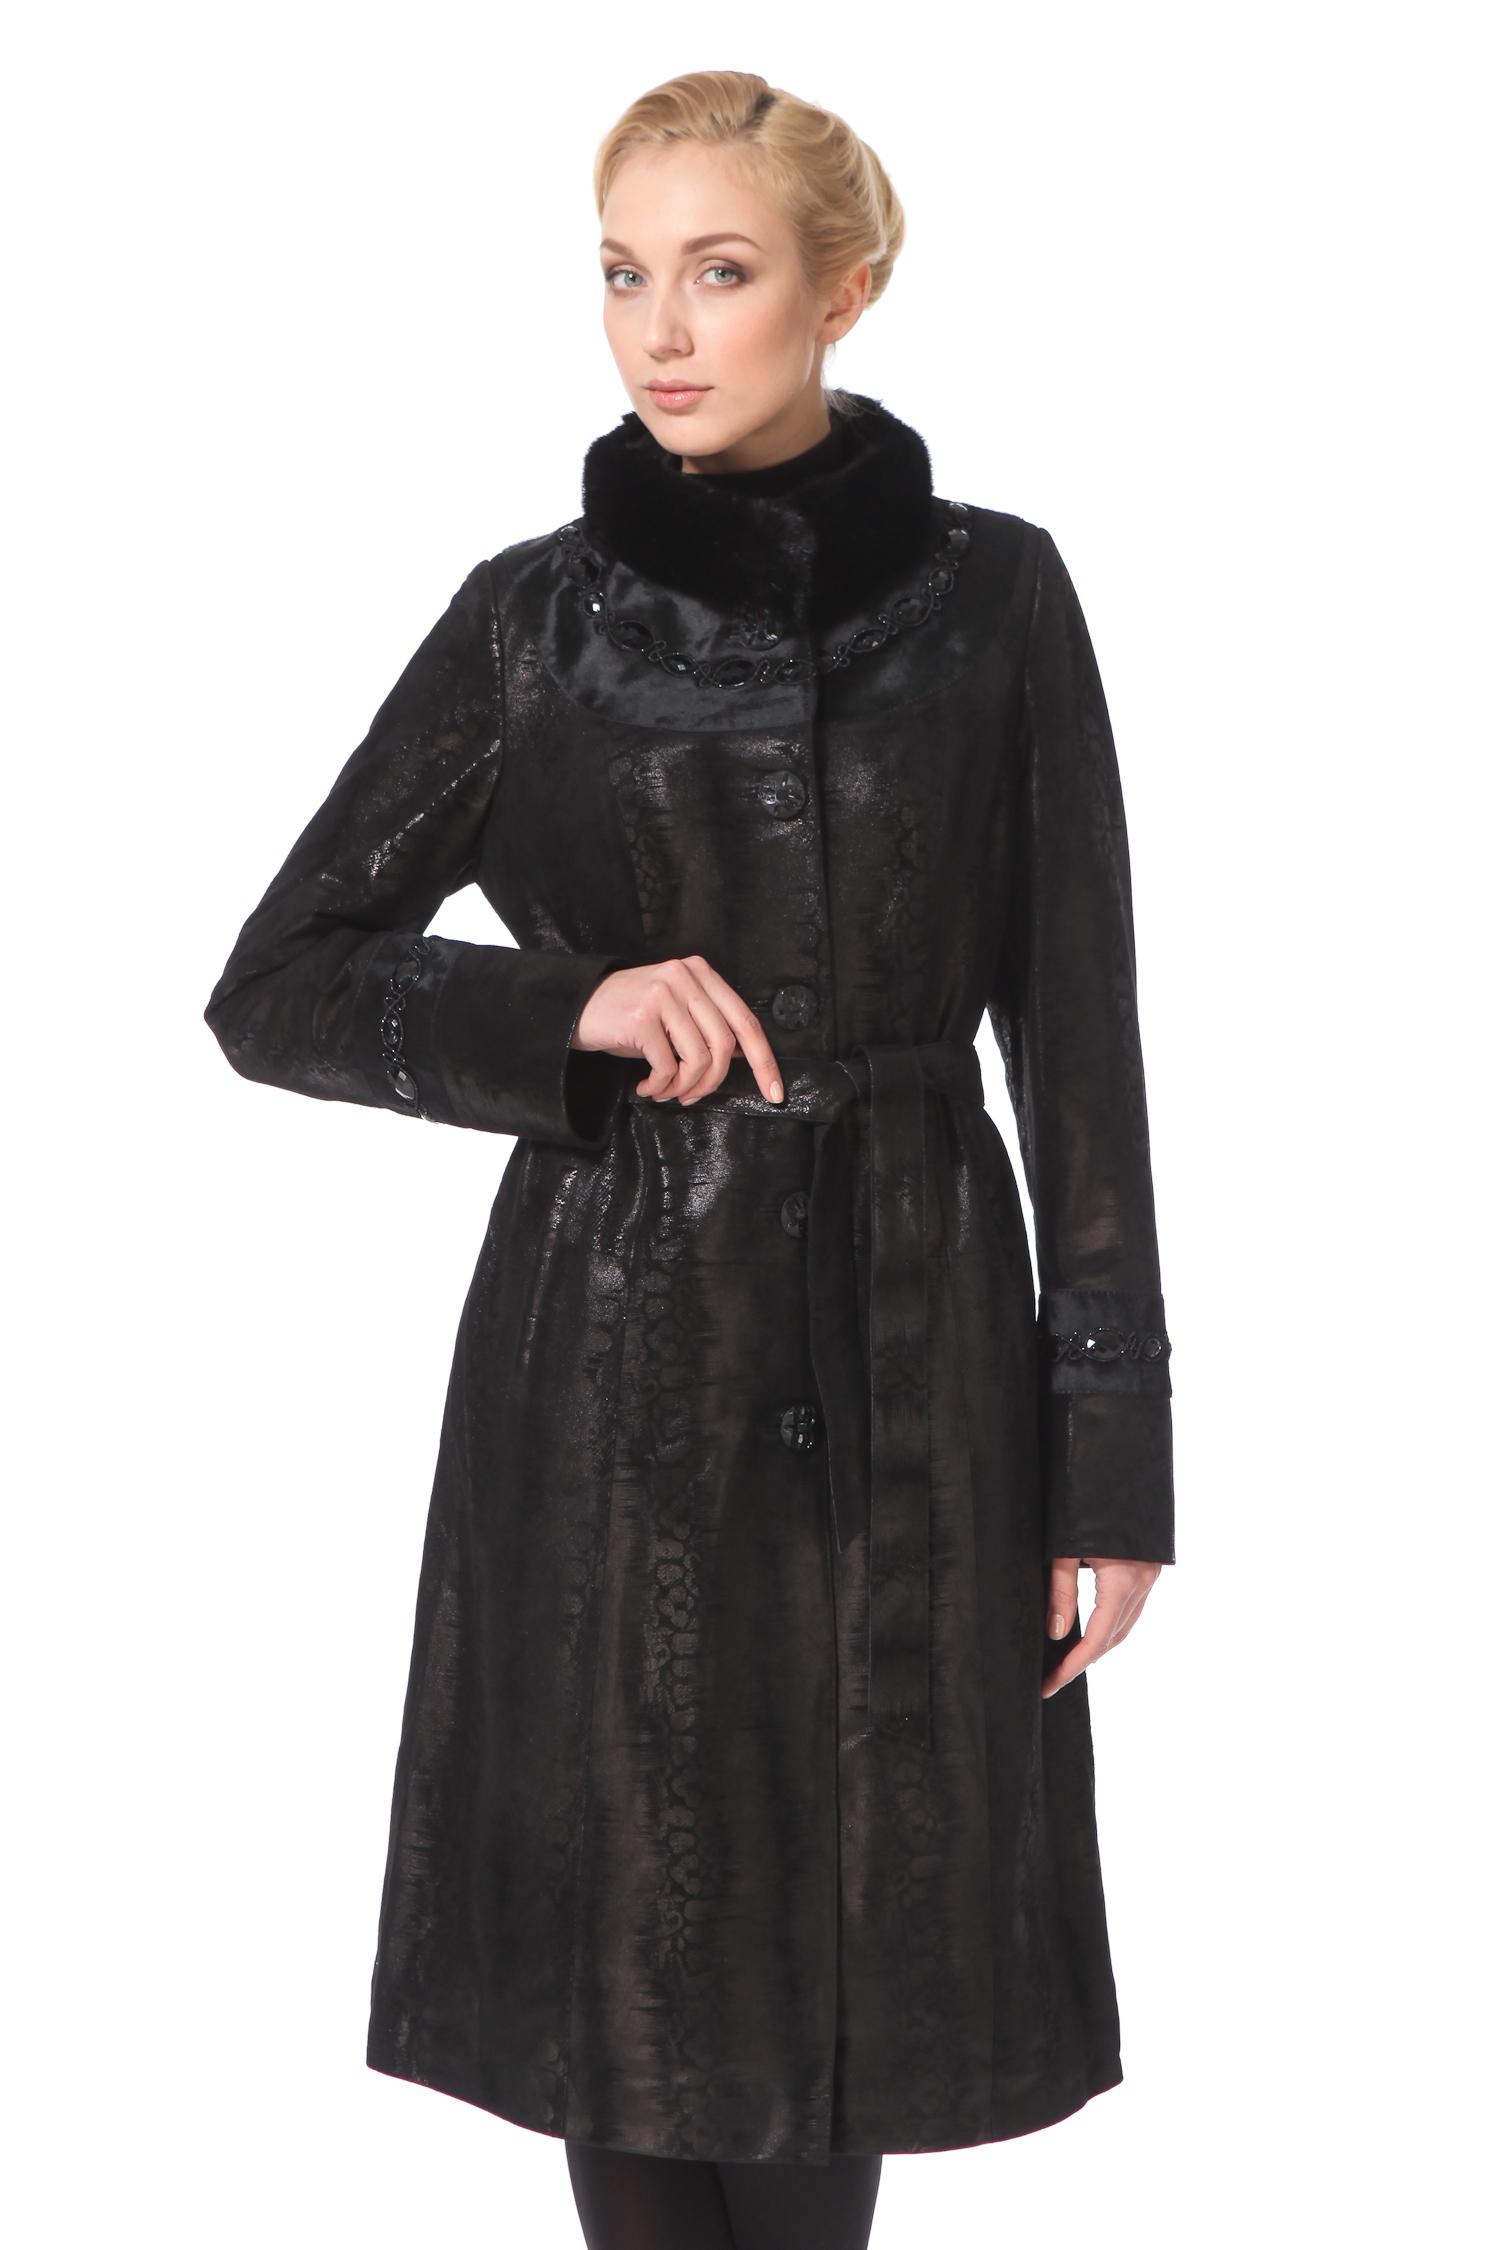 Женское кожаное пальто из натуральной замши (с накатом) с воротником, отделка норкаЦвет-оникс.<br><br>Классический покрой дополнен рядом деталей, которые очень выгодно подчеркивают индивидуальность этой модели. Во-первых, пальто из натуральной замши благородного темного оттенка, красивая деталь - это тиснение (накат), выполненное под кожу змеи. Этот неброский вертикальный узор выгодно подчеркнет достоинства фигуры. Еще одна стильная деталь - это украшенные камнями рукава и воротник. Воротник-стойка выполнен с отделкой из европейской норки, он очень хорошо защитит Вас от ветра. Модель застегивается на пуговицы и дополнена ремнем.<br><br>Воротник: стойка<br>Длина см: Длинная (свыше 90)<br>Материал: Замша<br>Цвет: черный<br>Застежка: на пуговицы<br>Пол: Женский<br>Размер RU: 54